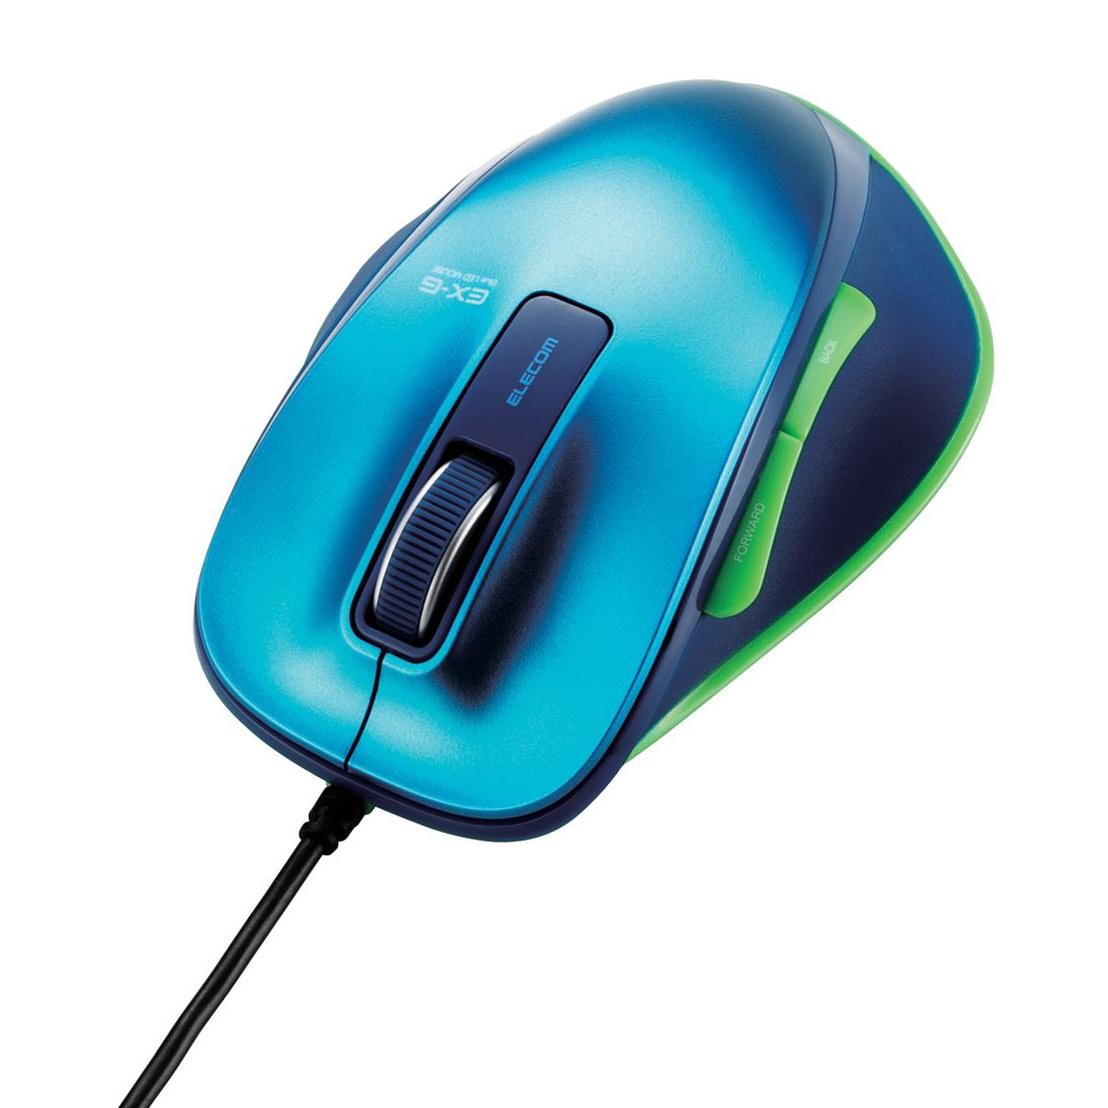 Chuột Elecom M-XG1UBSP-G (USB, Có dây)